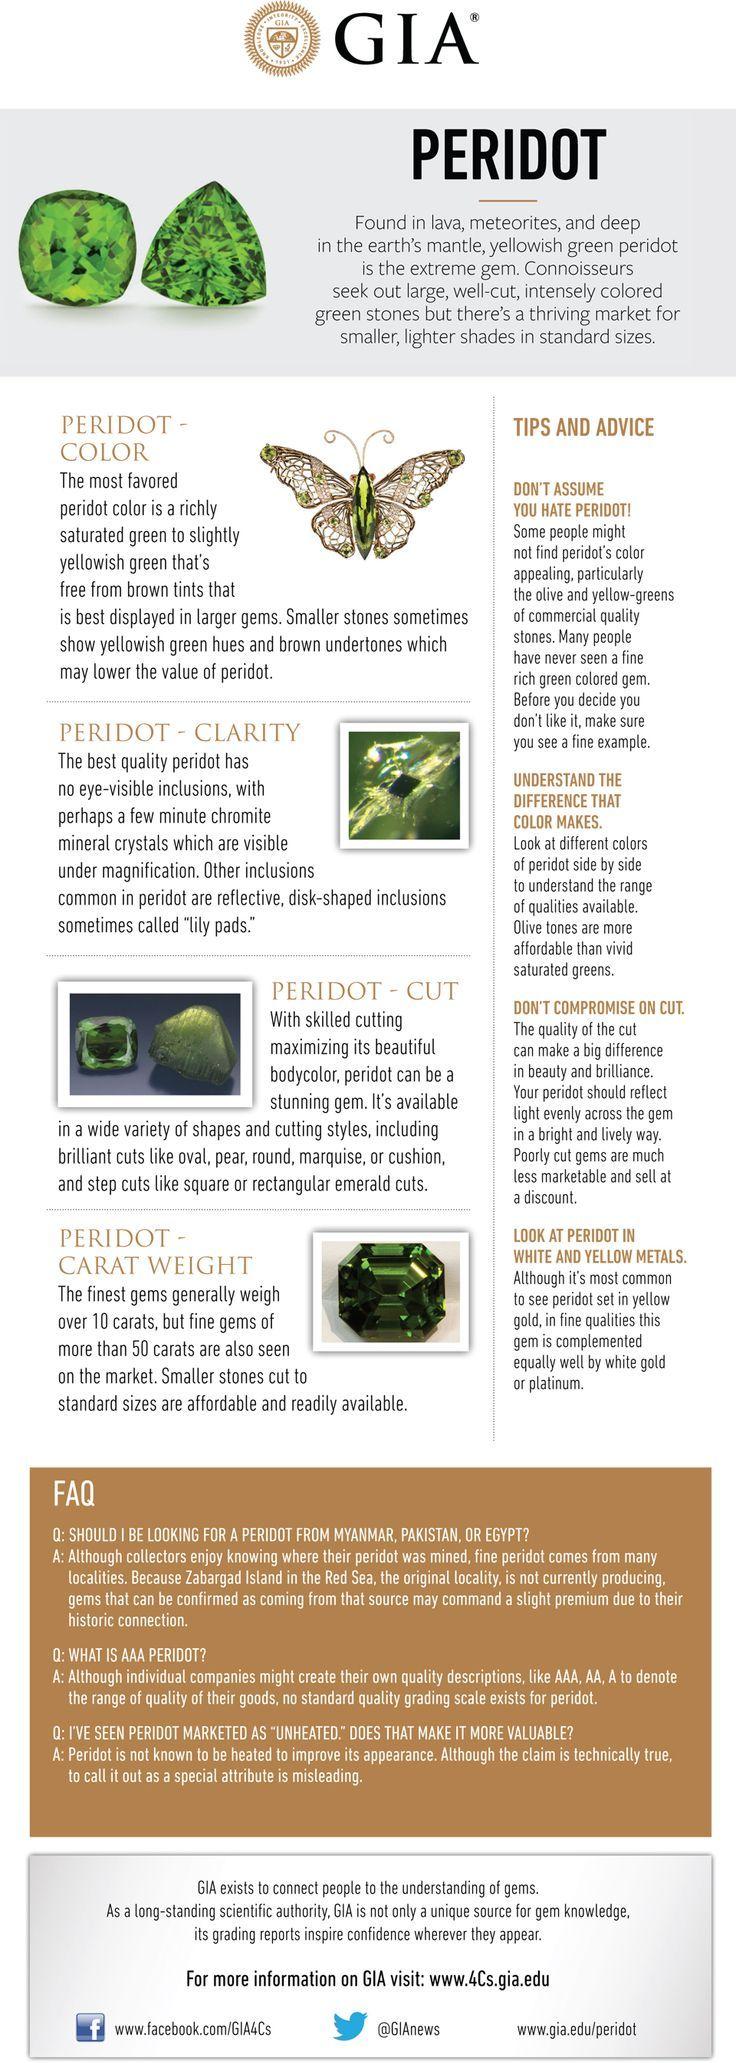 Peridot Buying Guide. GIA (080114)